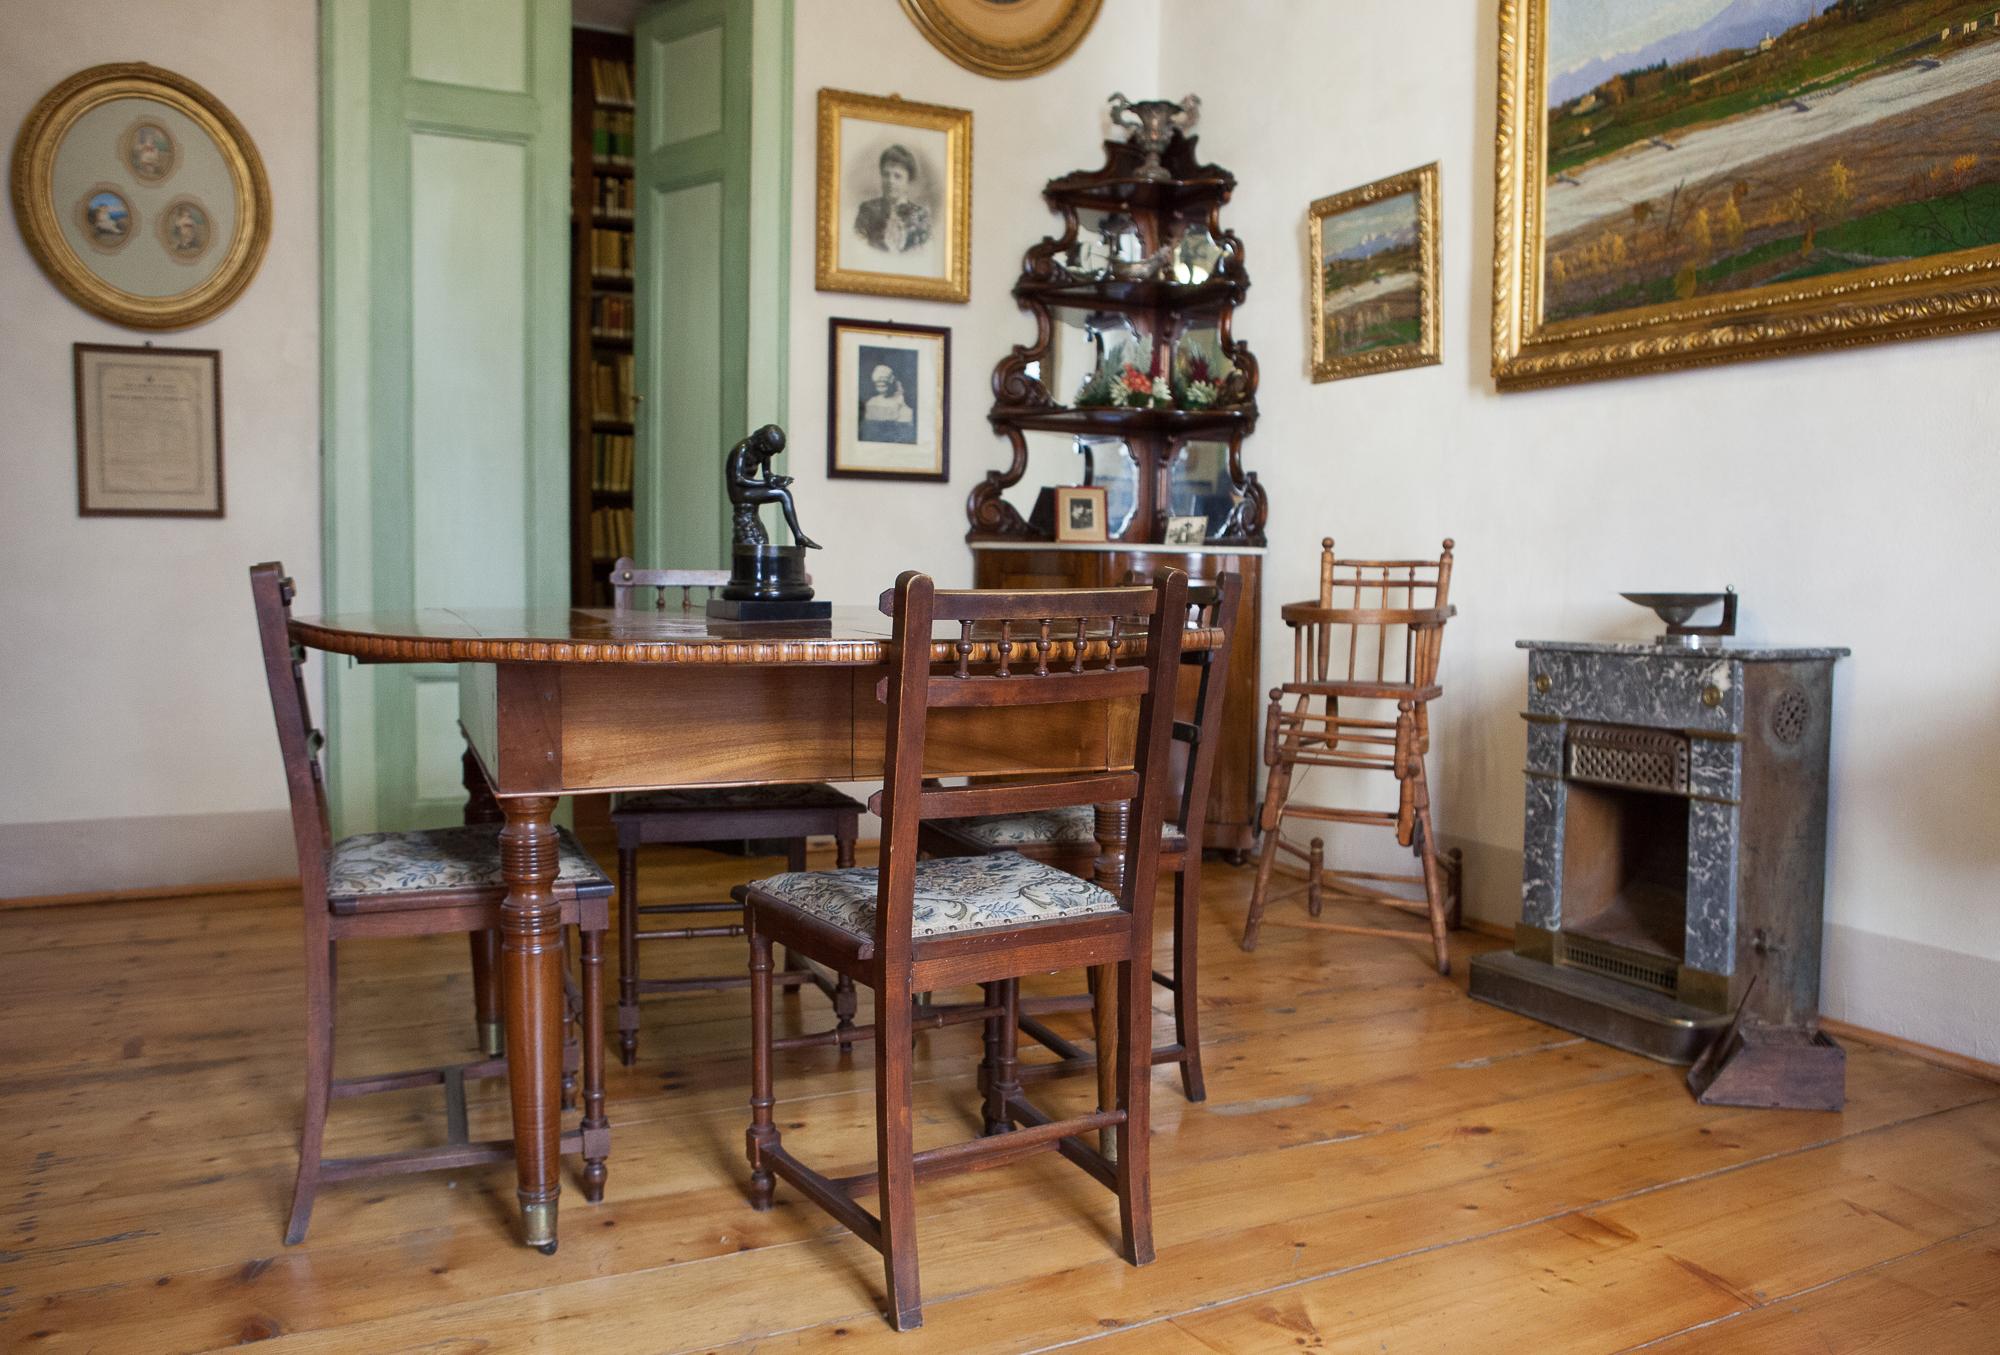 La biblioteca, i quadri, le sculture e i documenti di una vita dei primi del '900. Una passeggiata nella Storia, salendo le scale di un palazzo nobiliare